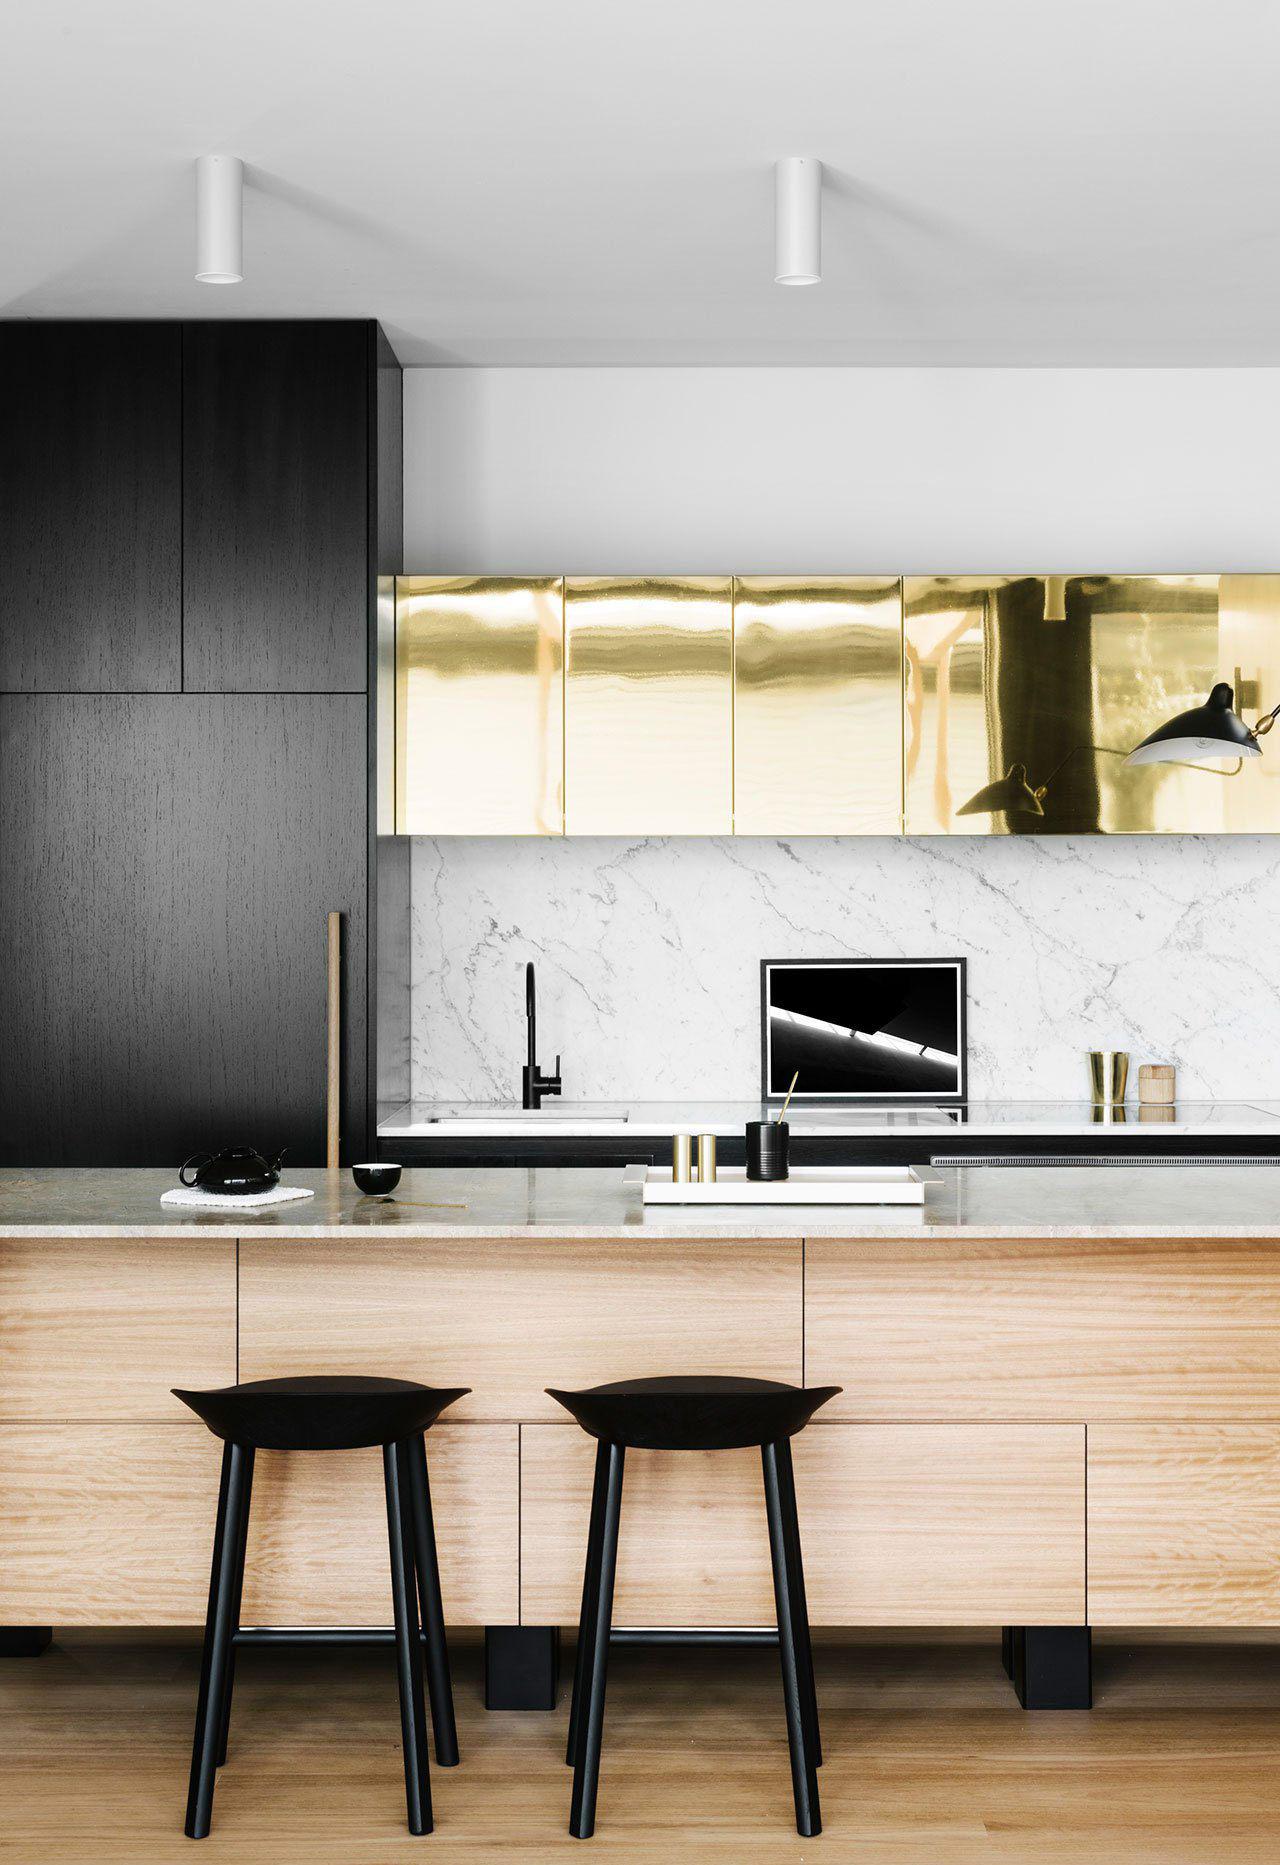 Kitchen Trends Emily Henderson Design Trends 2018 Kitchen Black Lamp 04 HZVJOMZ